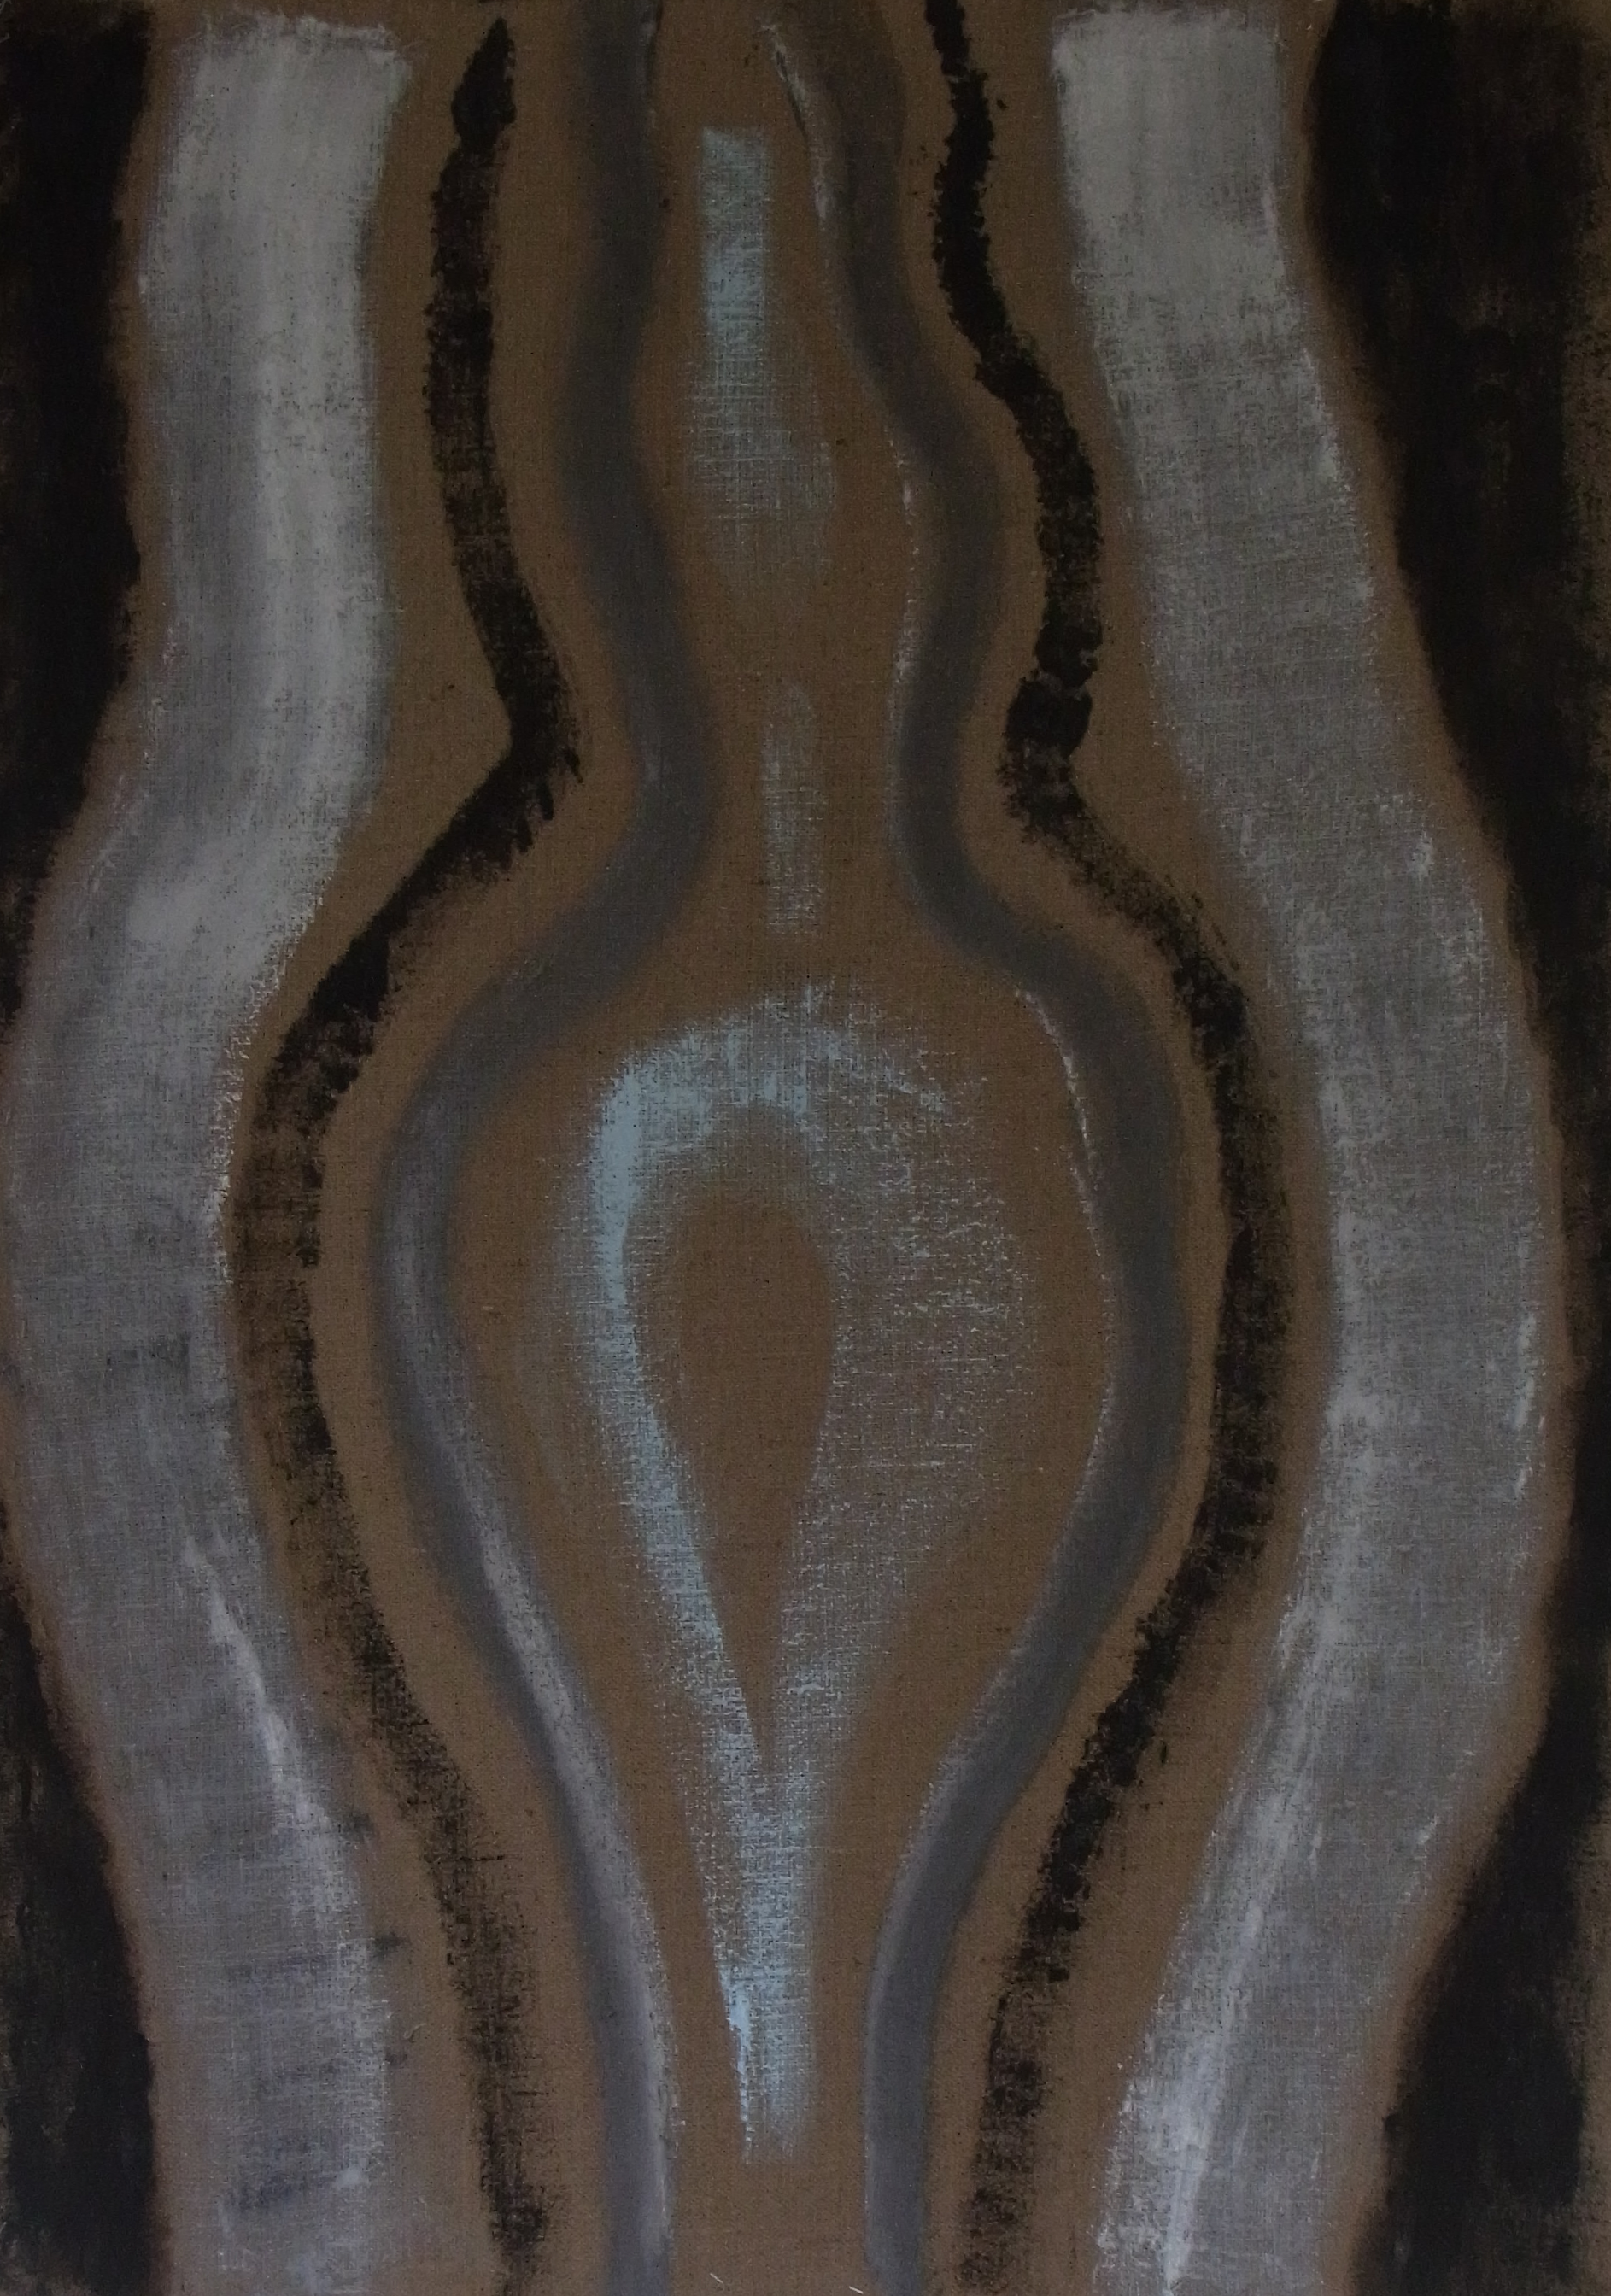 Untitled, oil on jute, 2015.